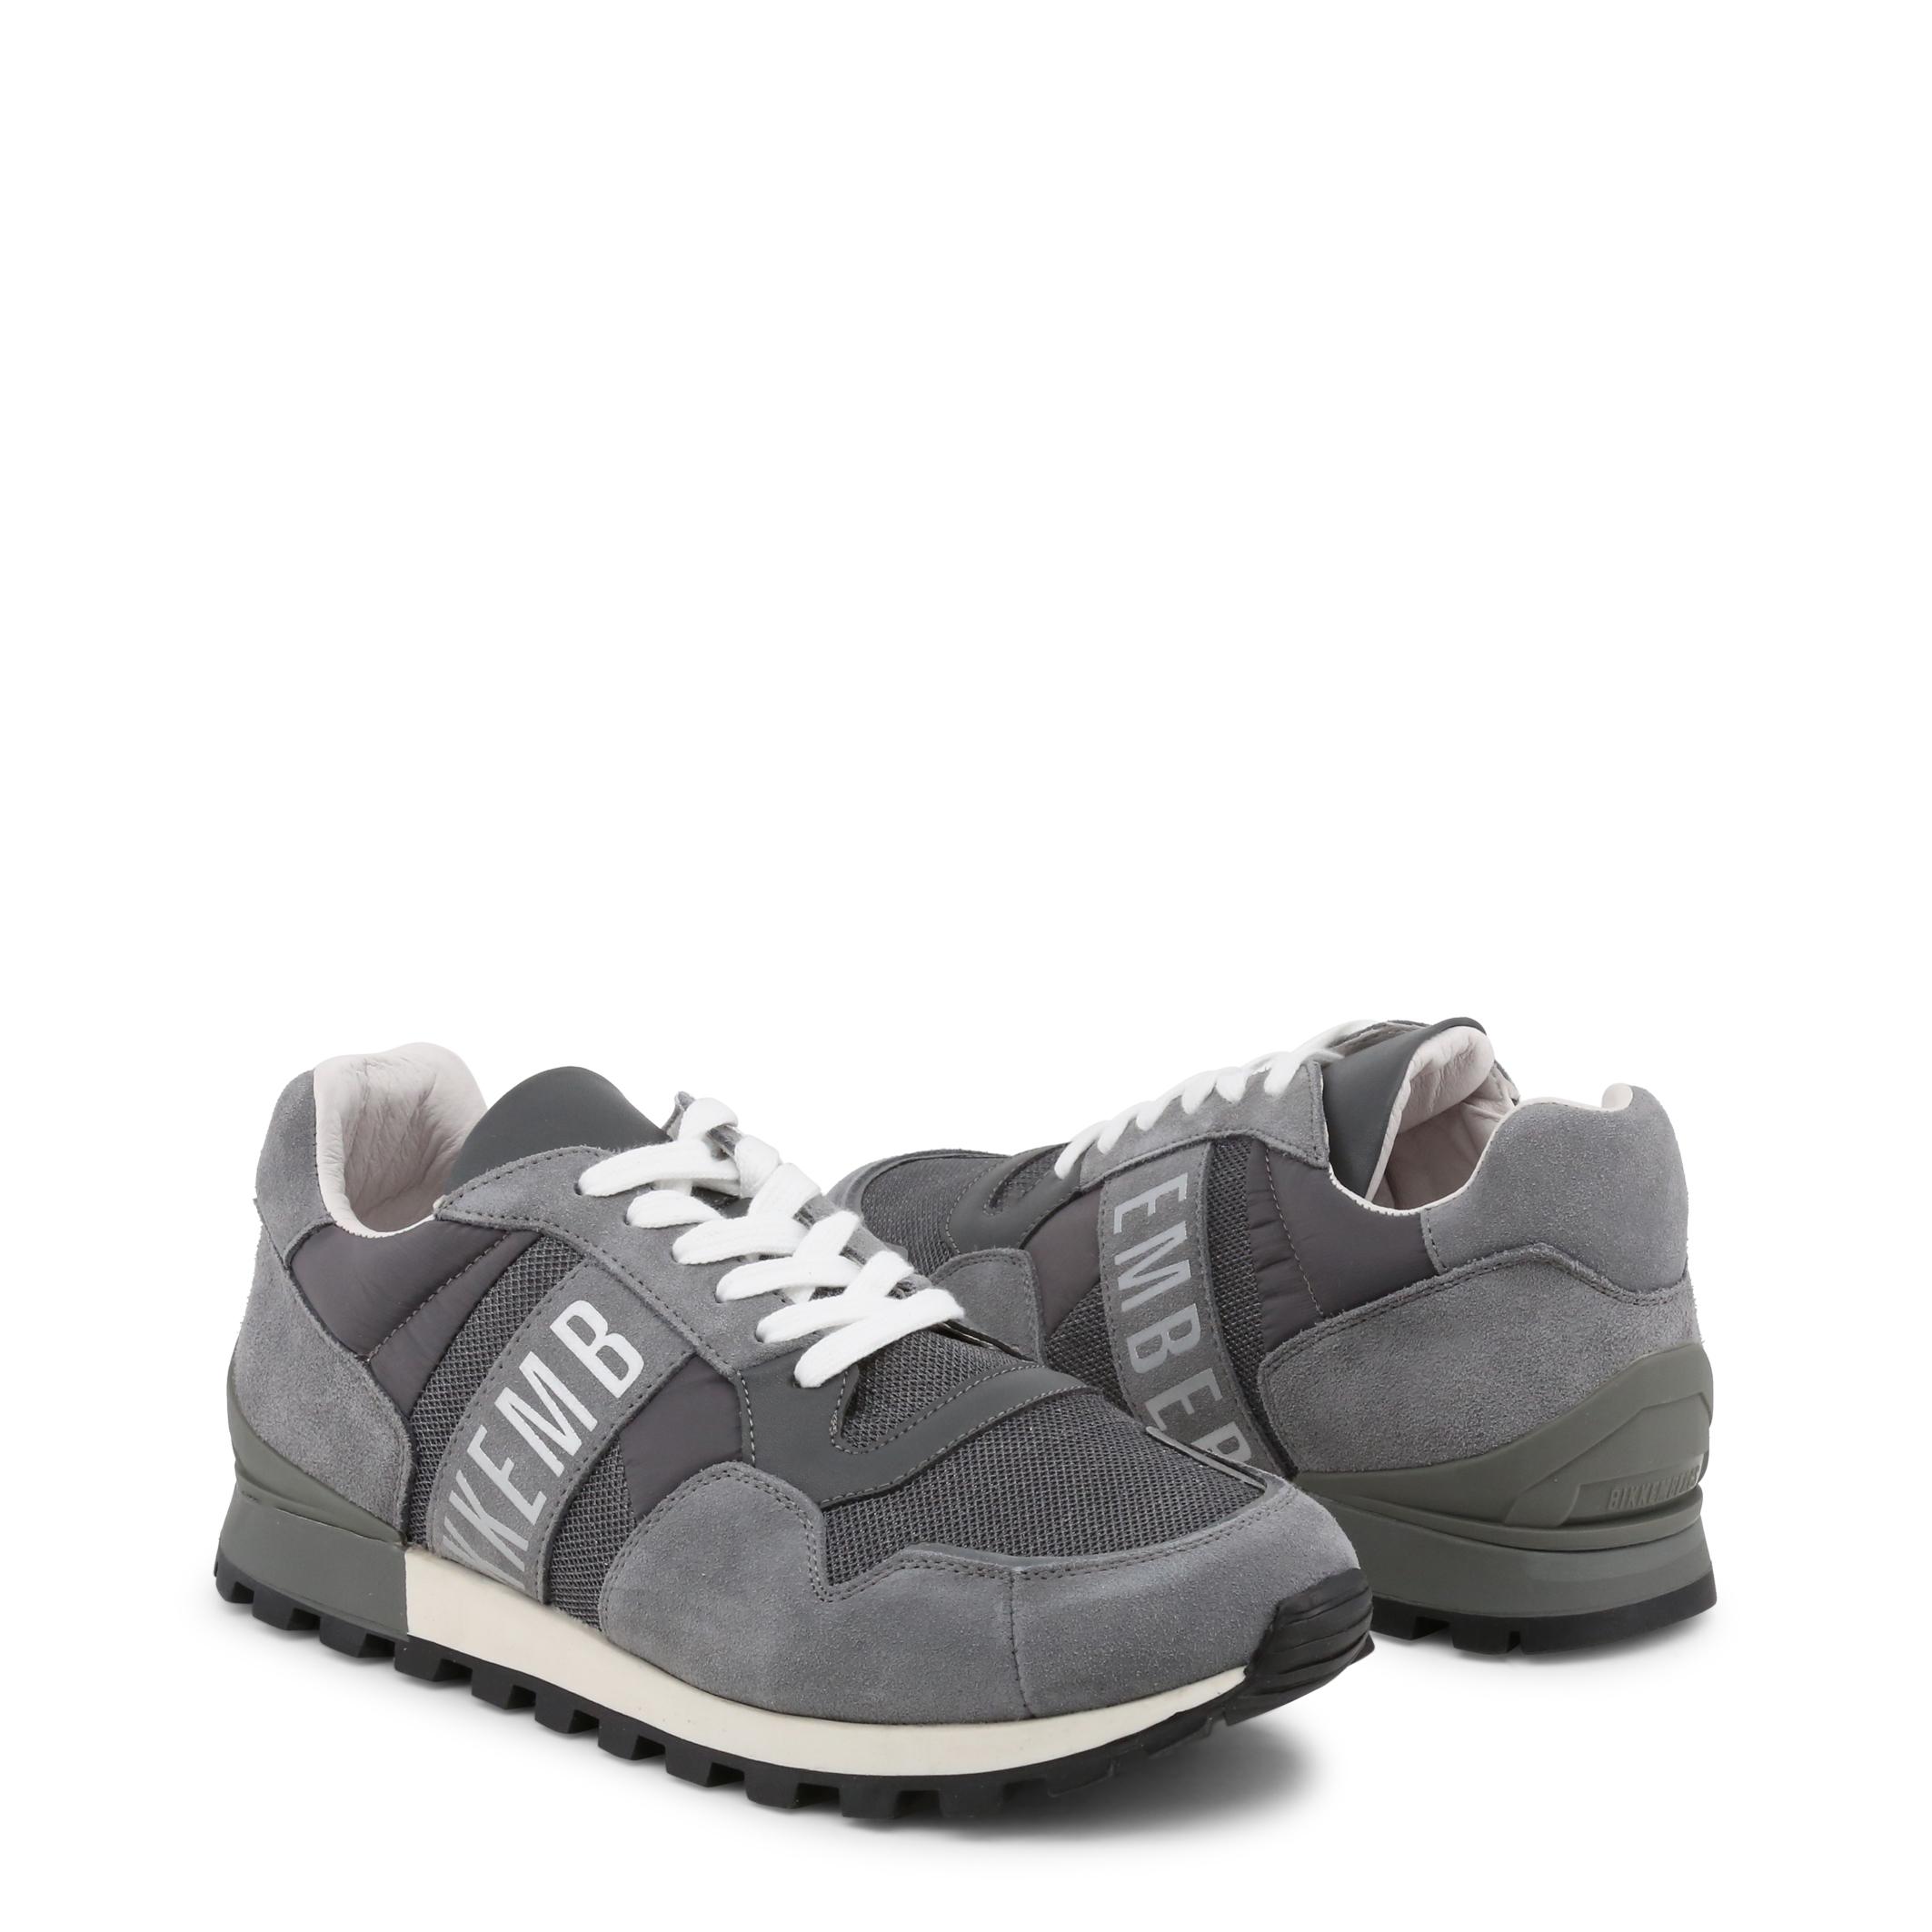 Baskets / Sport  Bikkembergs FEND-ER_2376 grey